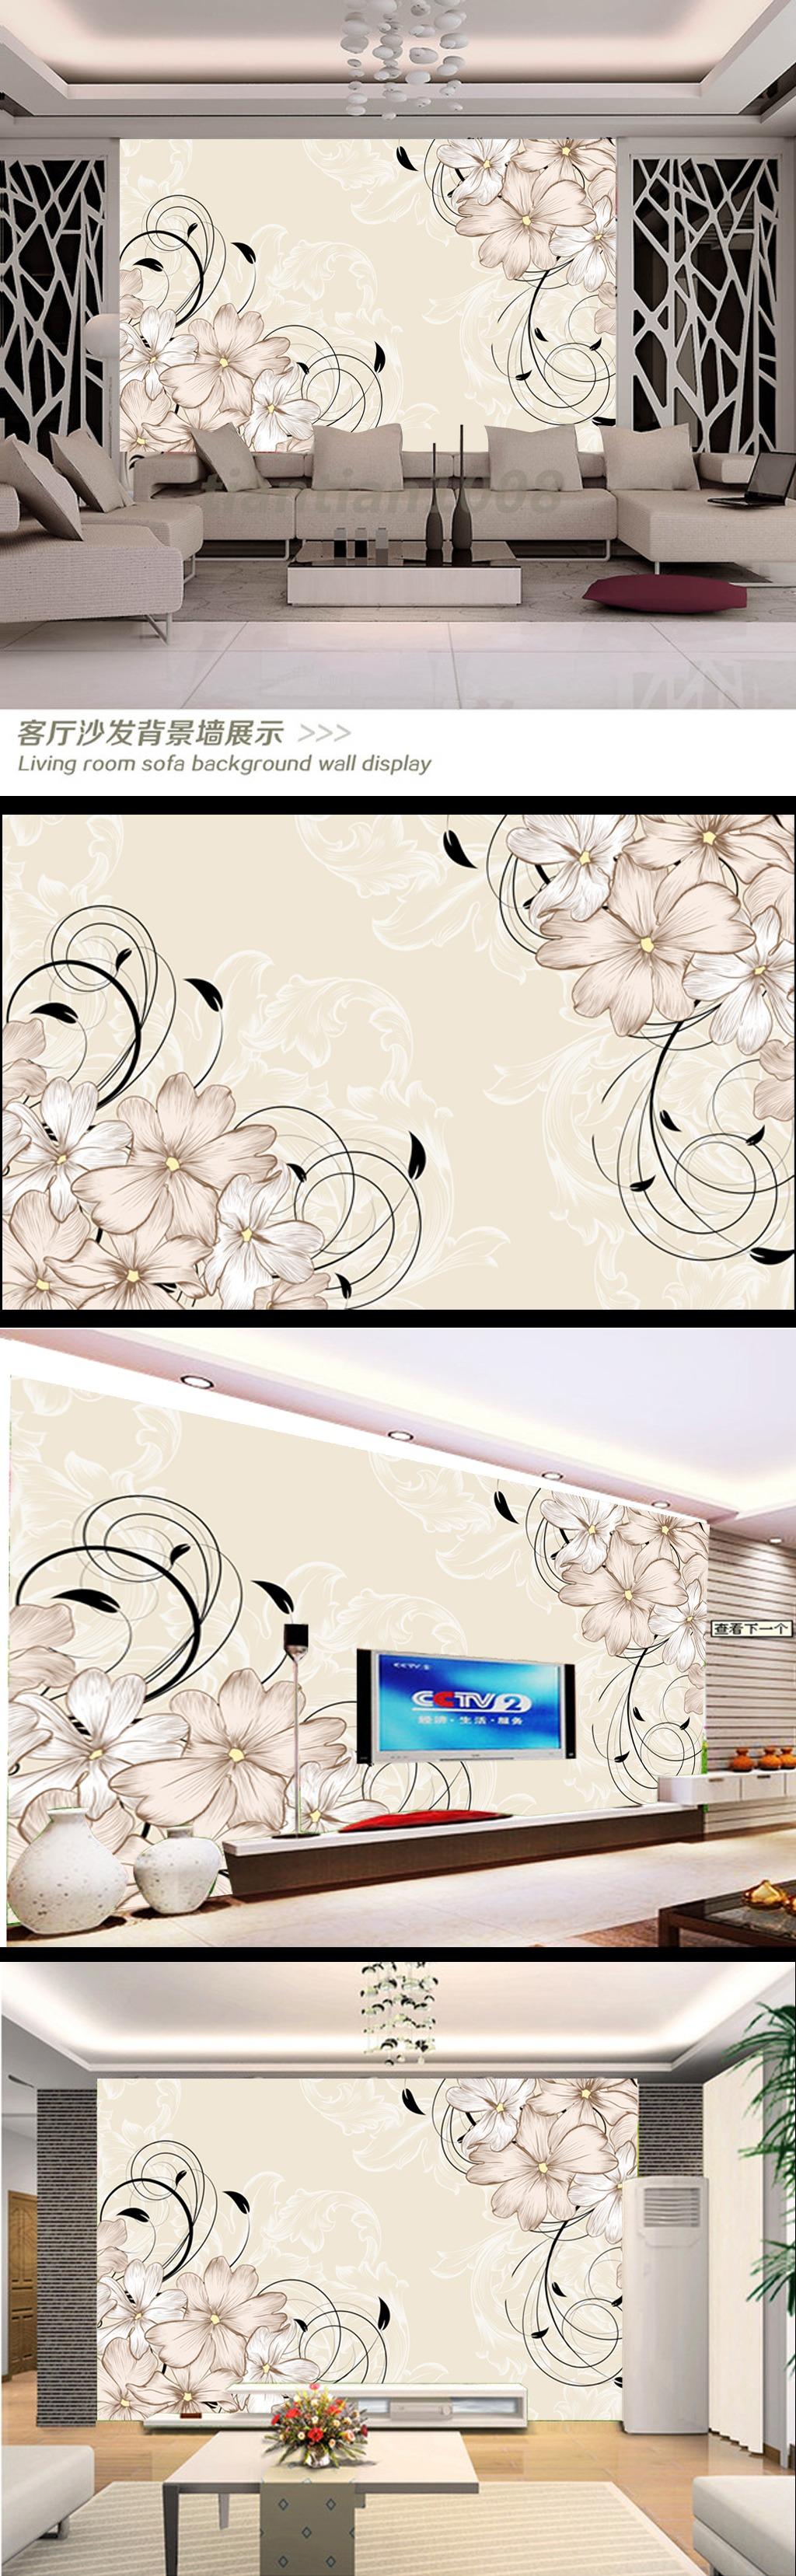 手绘花瓣电视机背景墙